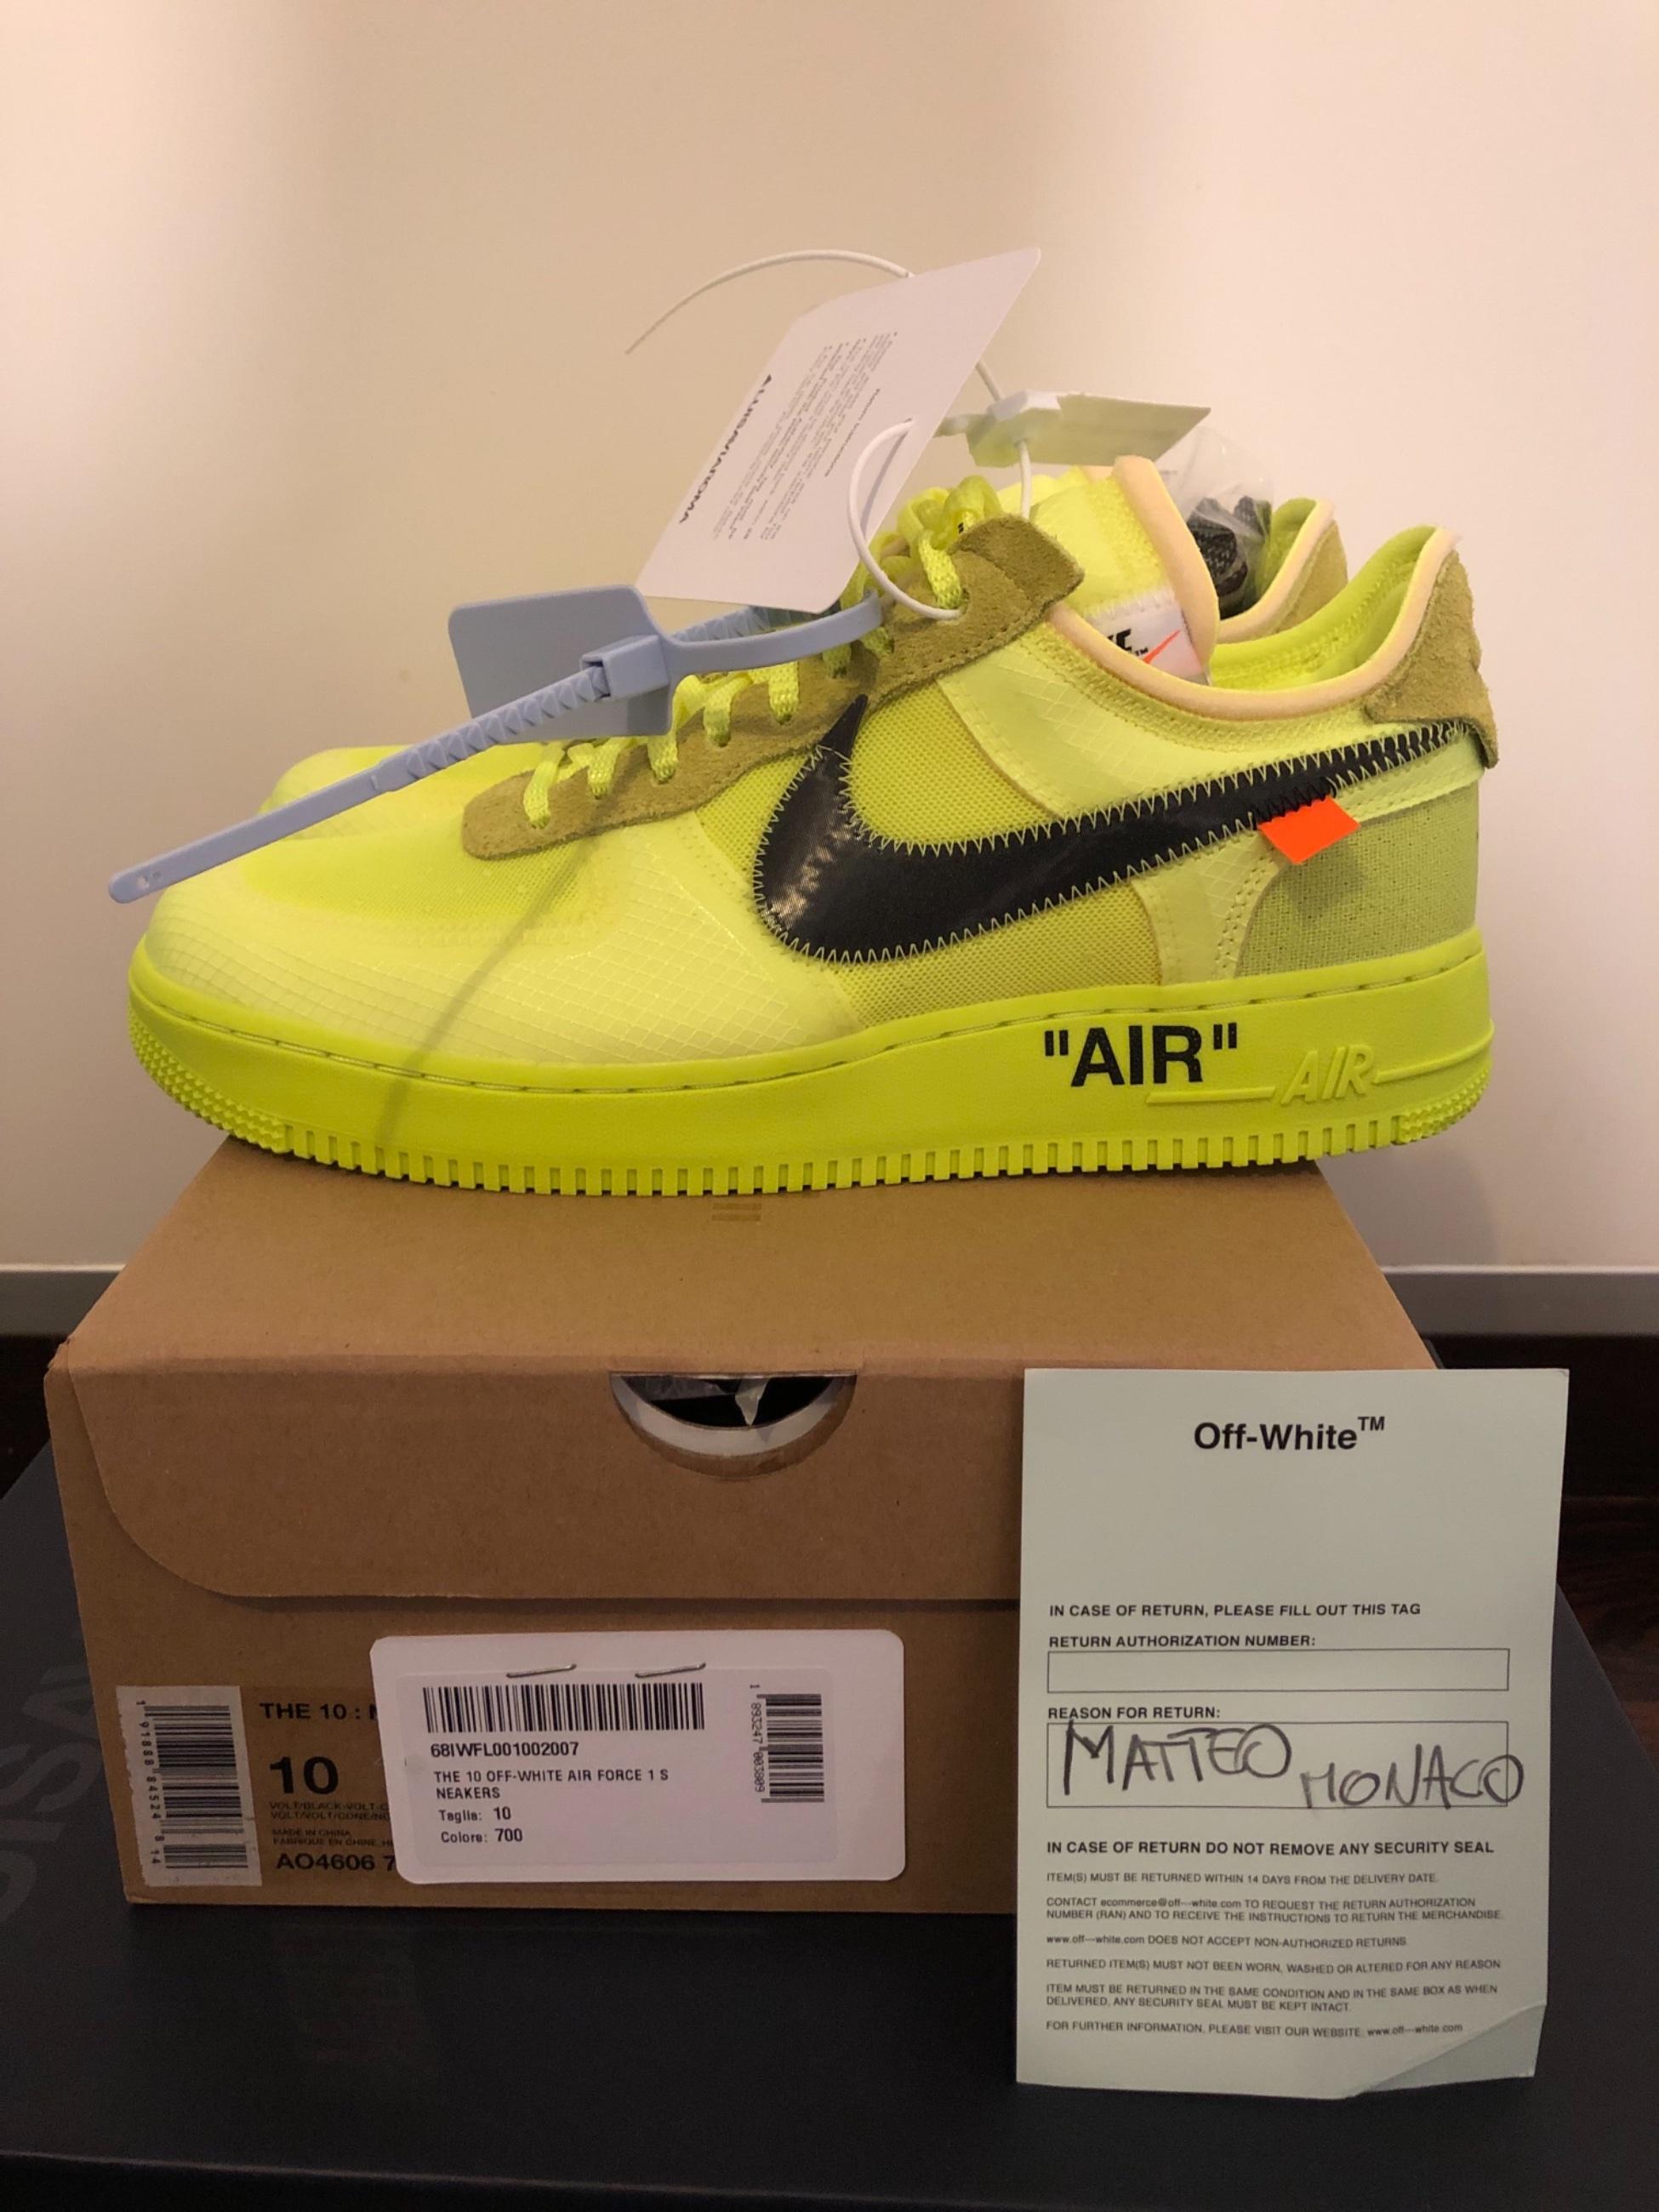 Nike Air Force 1 Off White Volt 44 EU10US Meetapp